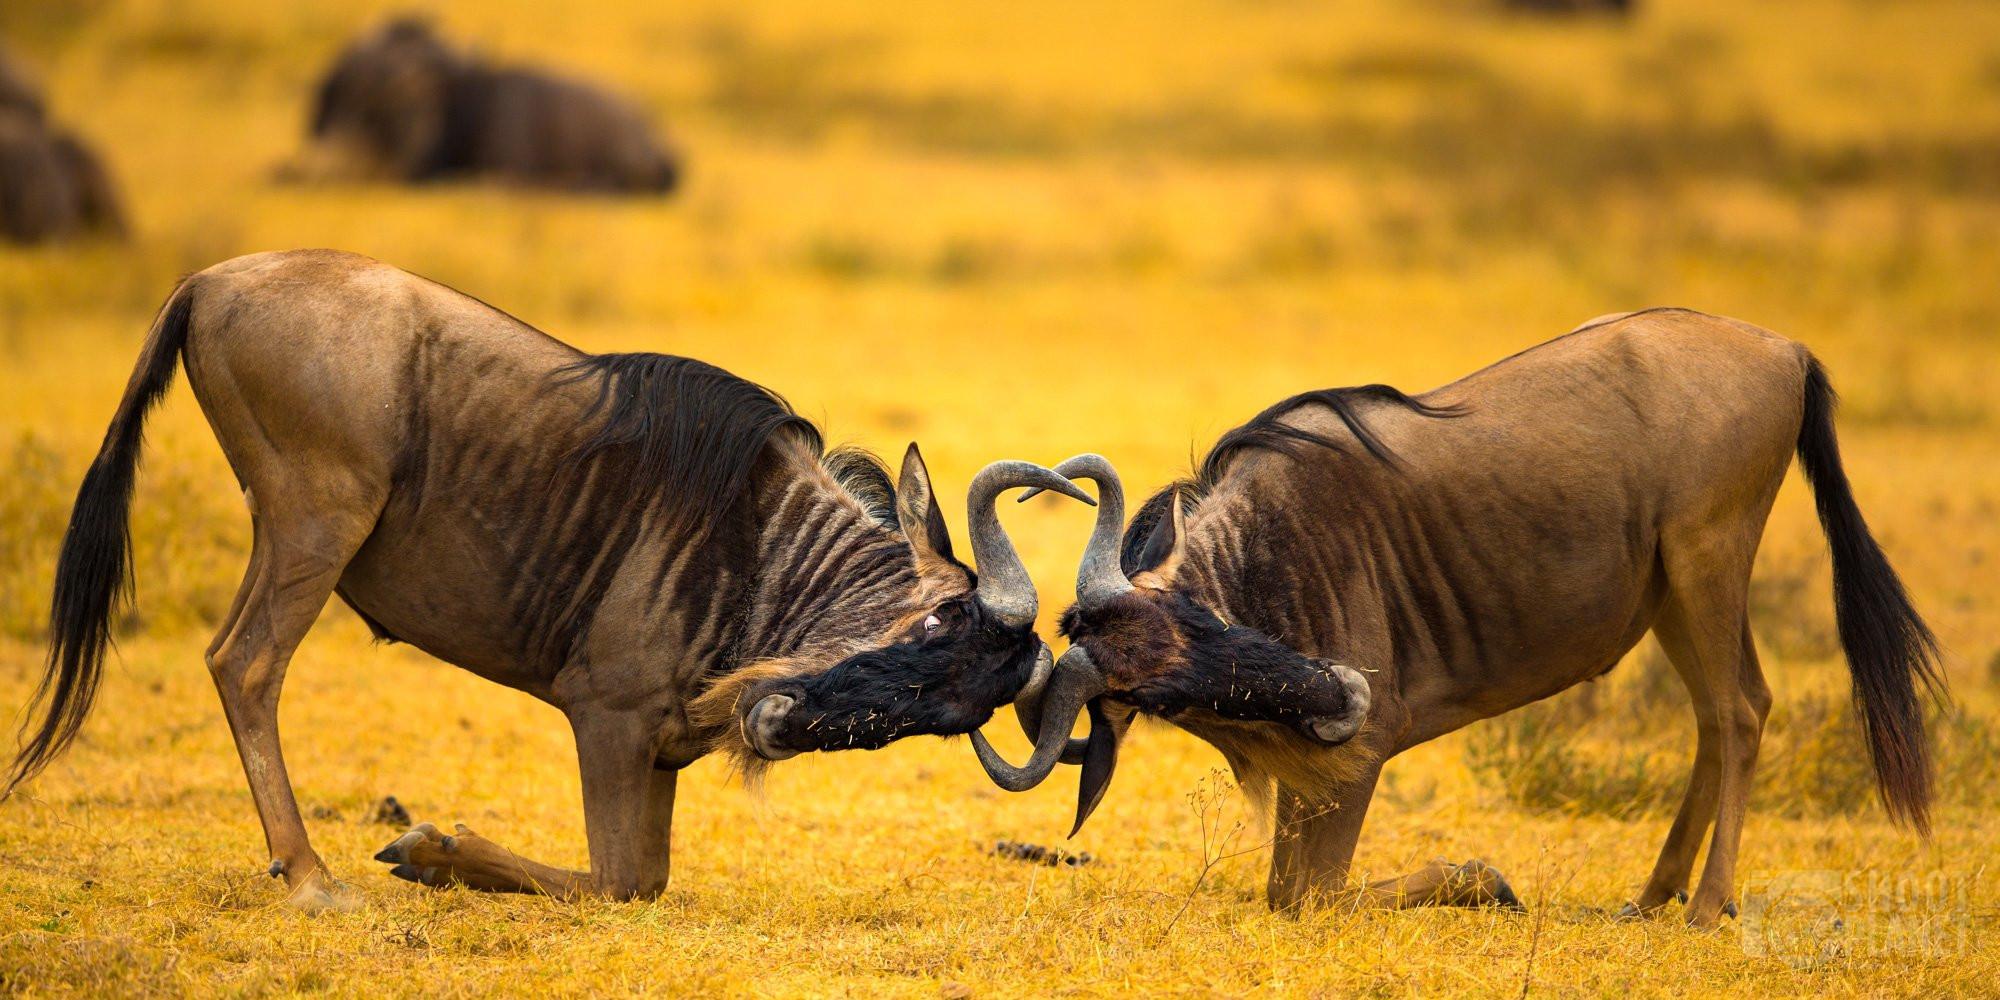 Wildebeests fighting in Ngorongoro crater caldera, Tanzania